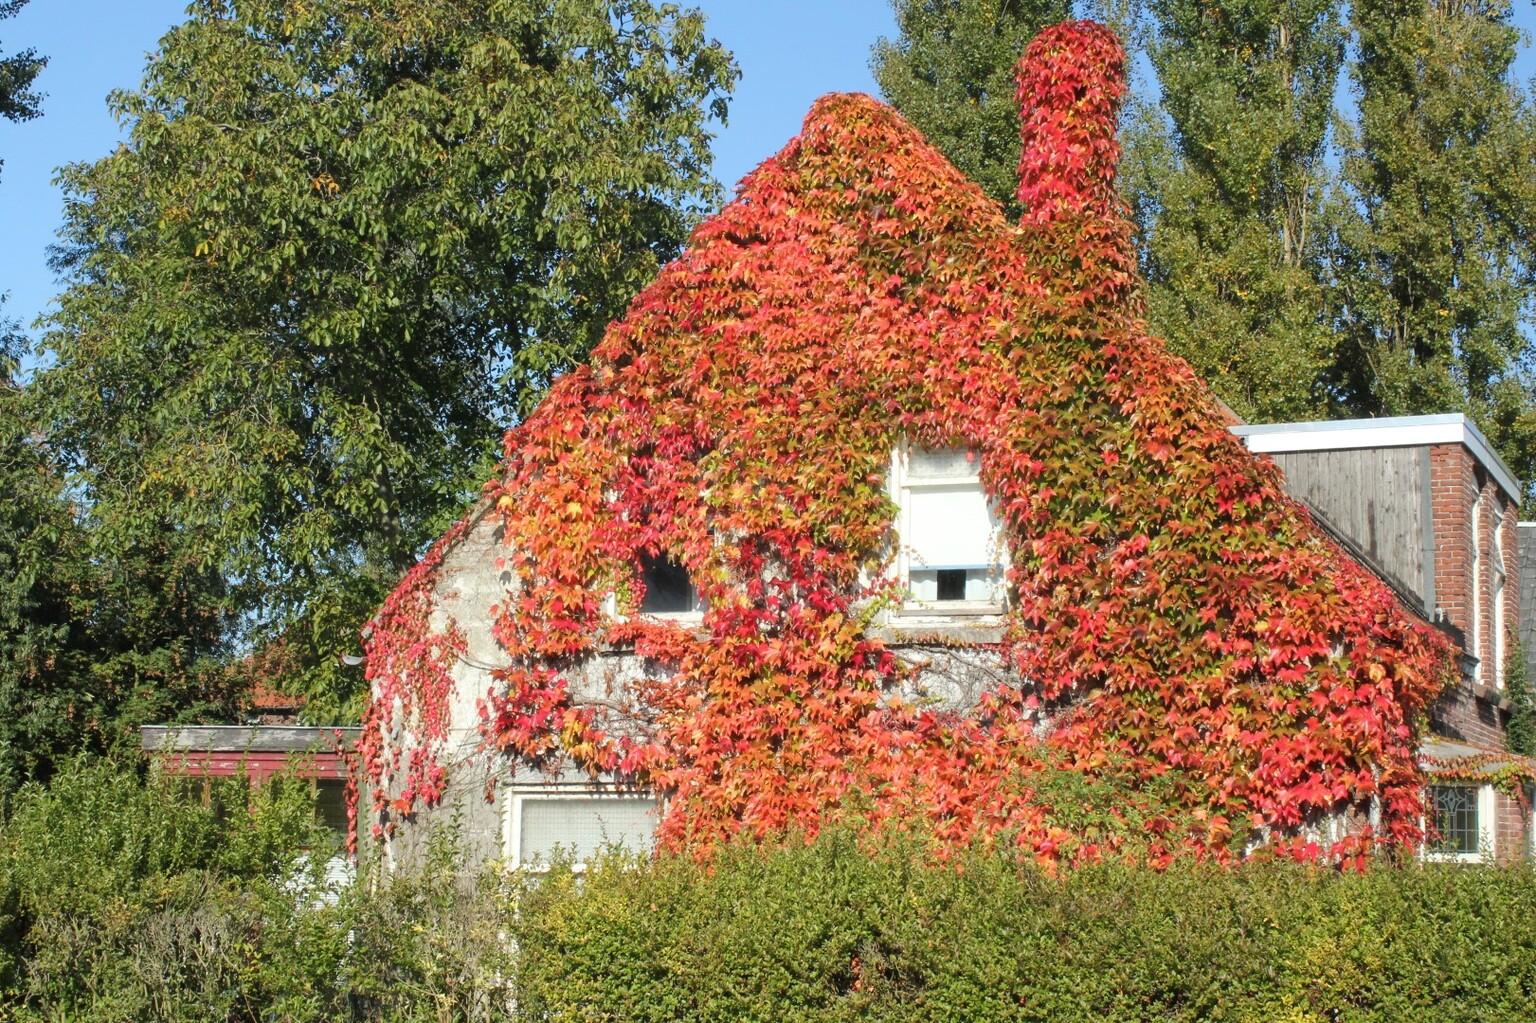 Herfst 2020 - Herfstsfeer - foto door Robertus_zoom op 16-04-2021 - locatie: Zoetermeer, Nederland - deze foto bevat: bloem, fabriek, lucht, blad, gebouw, boom, venster, vegetatie, gras, biome